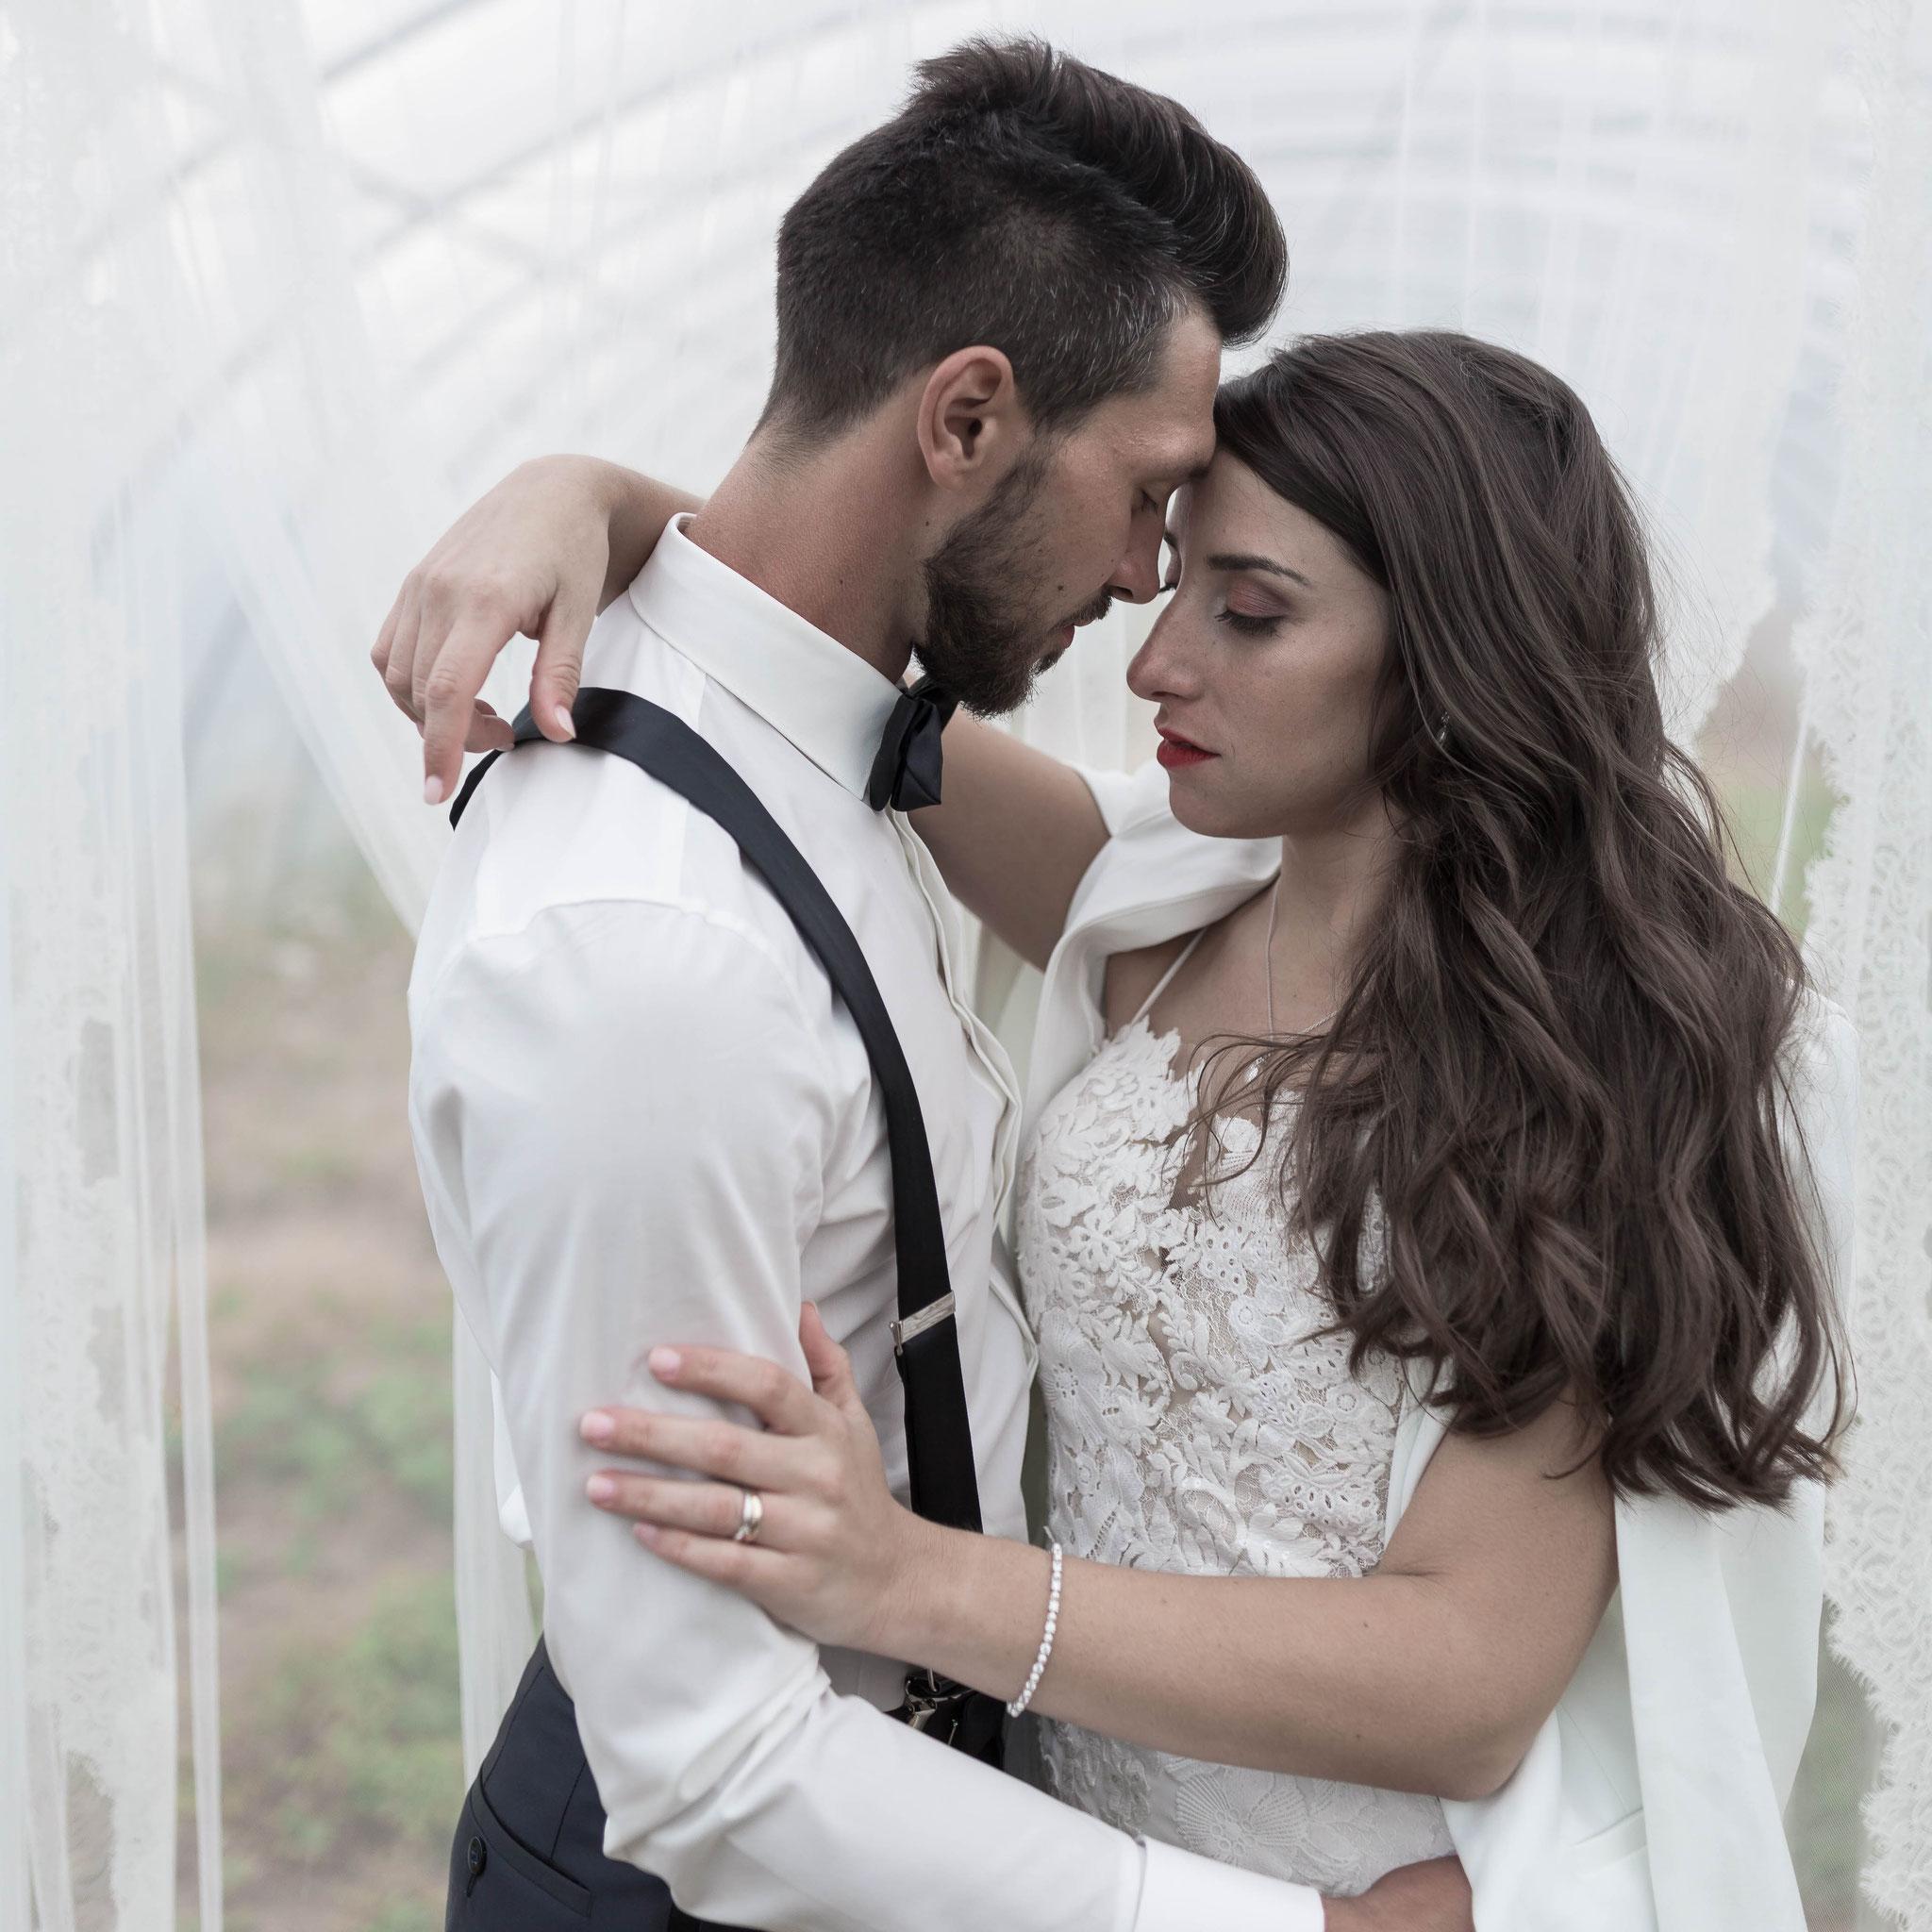 Fotograf gesucht für moderne Hochzeit